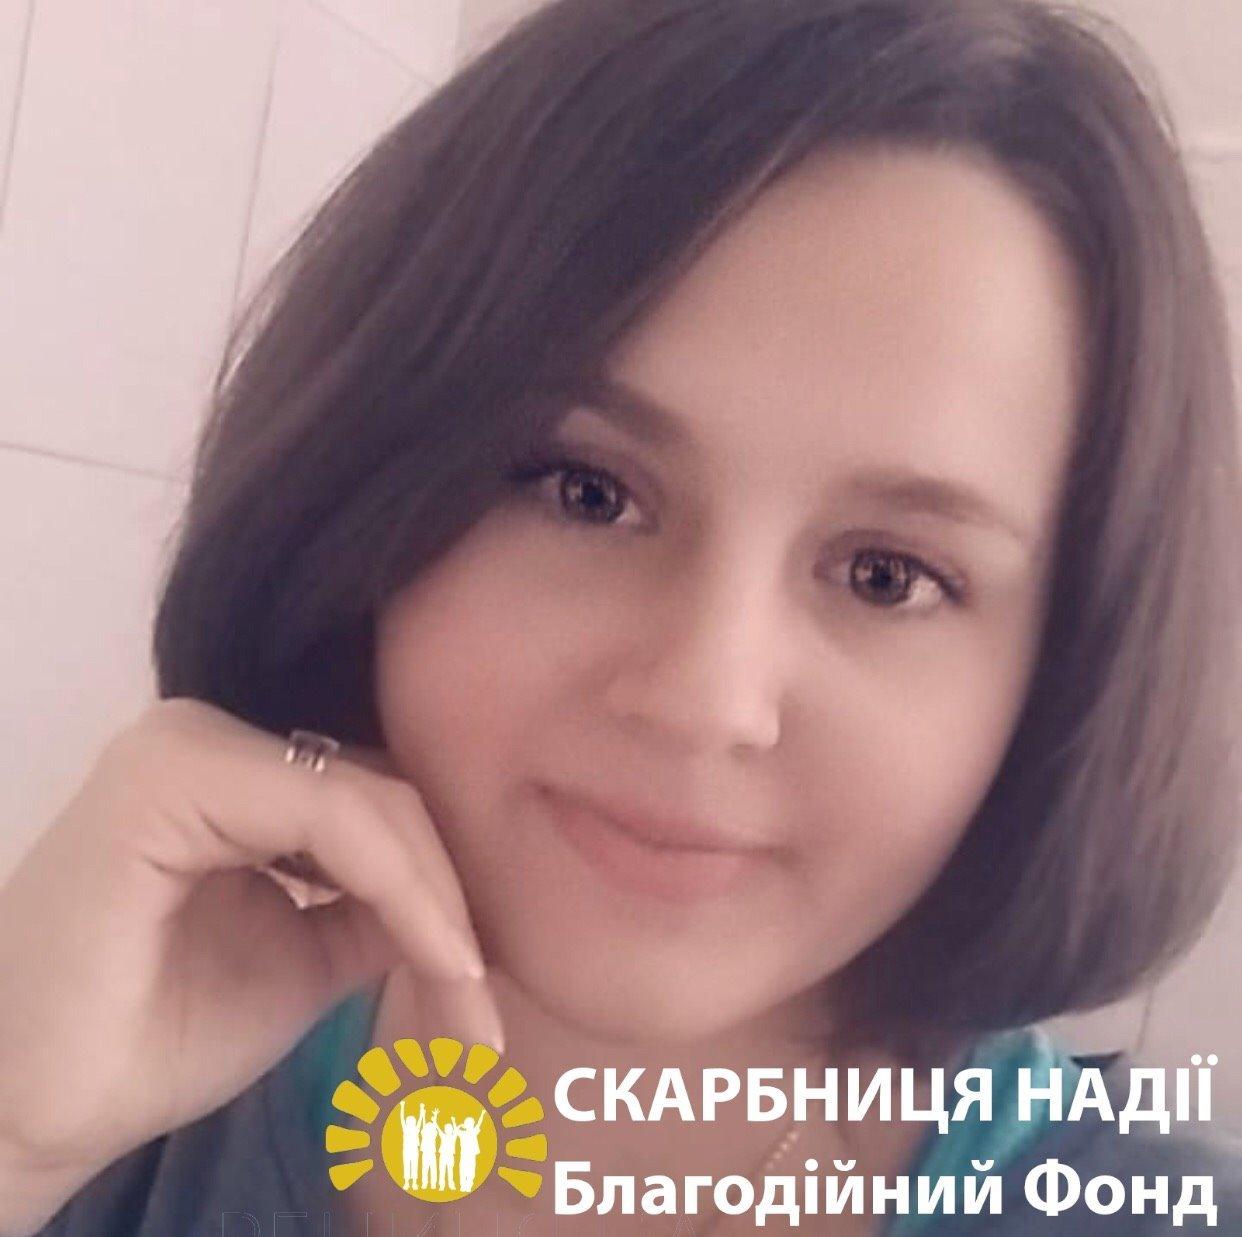 Дівчині з Рівненщини, у якої стався рецидив лейкозу, потрібна допомога на лікування , фото-1